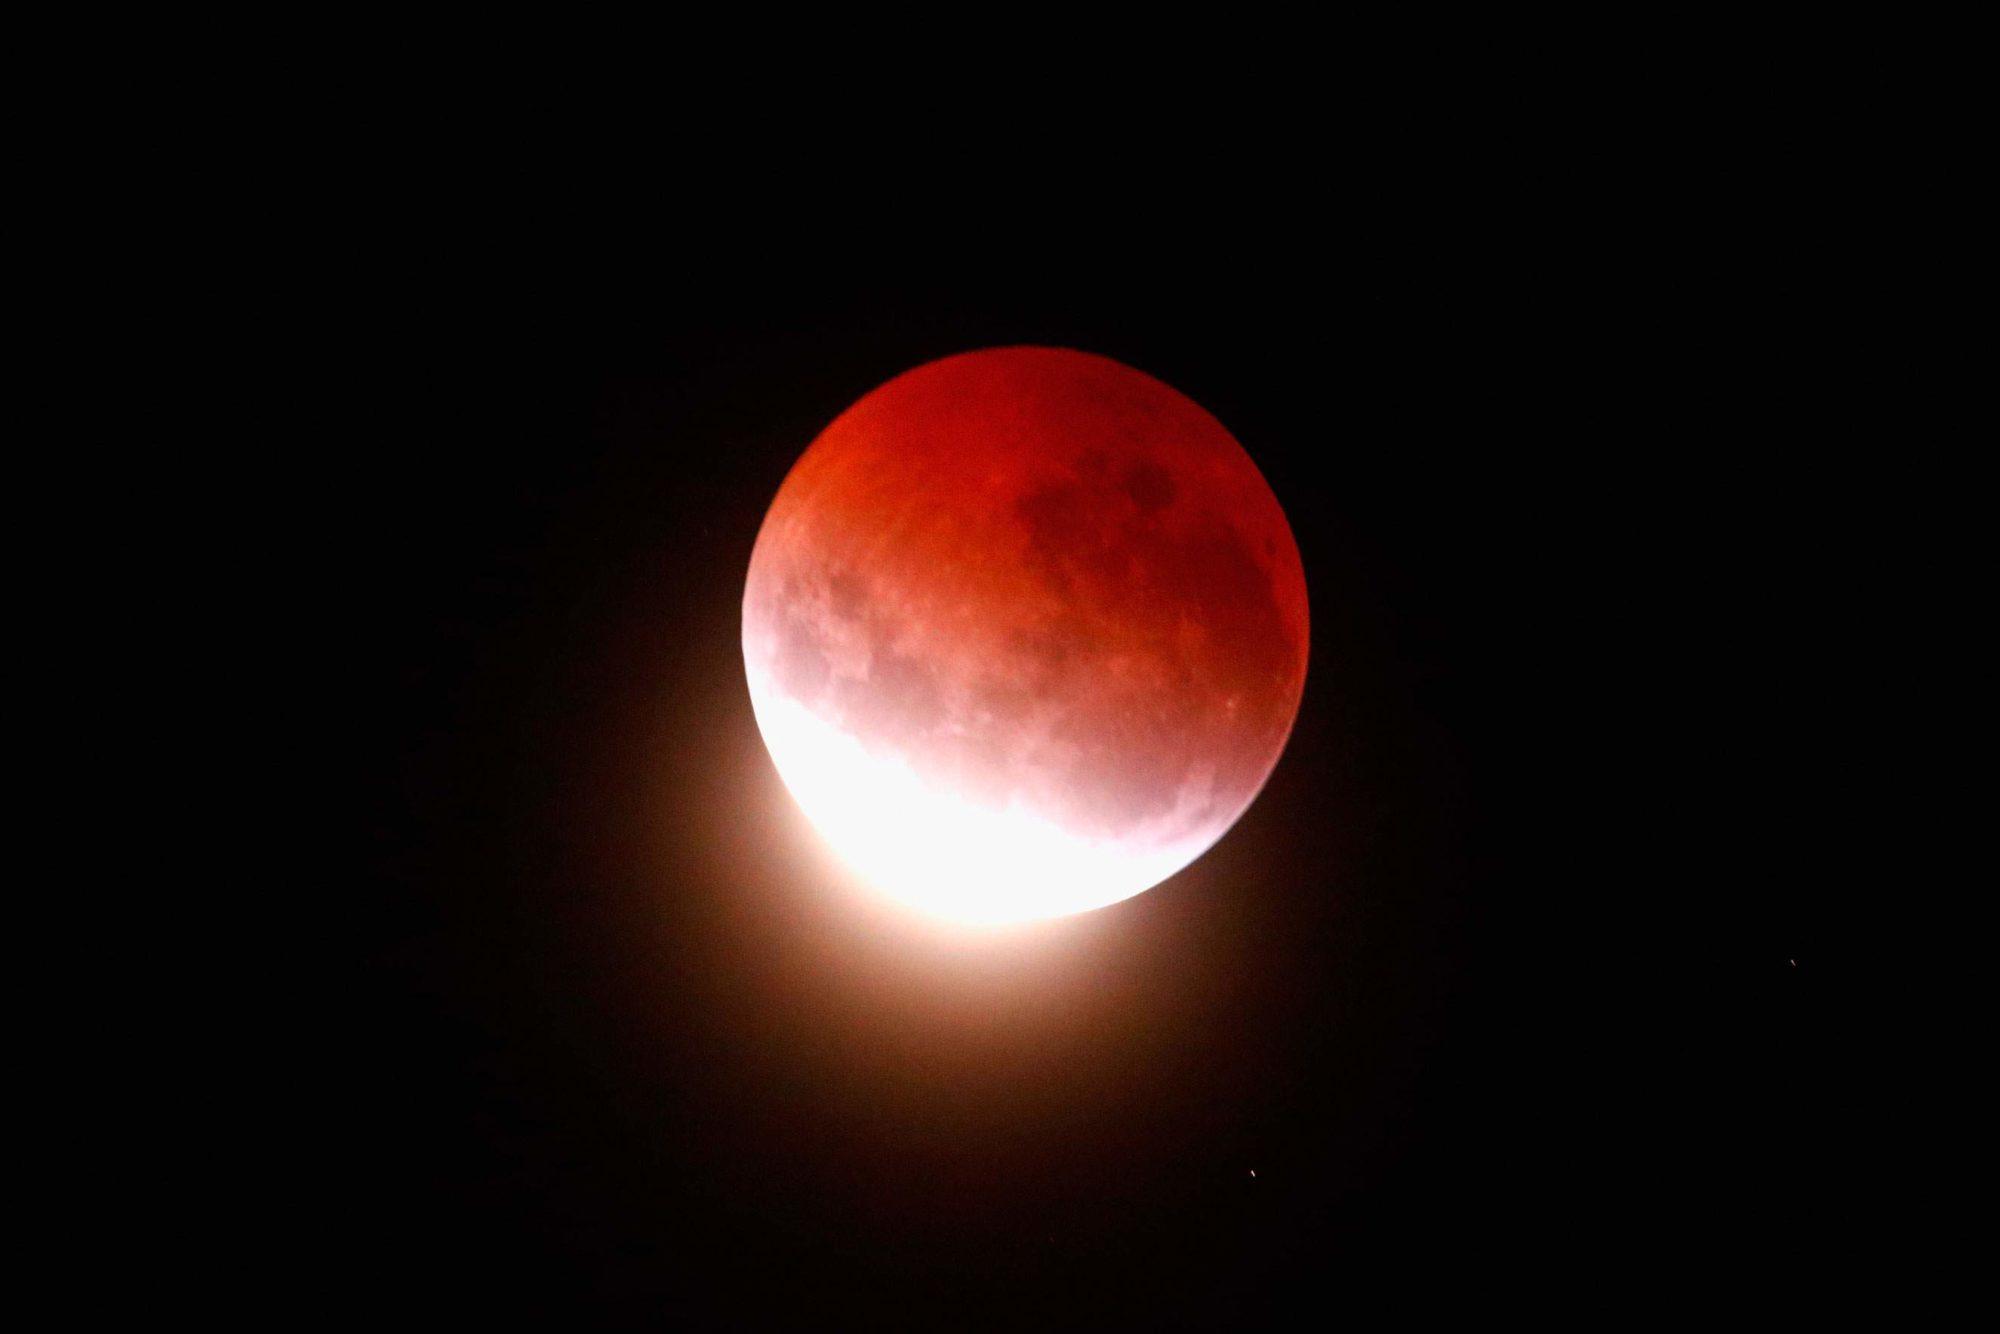 April 2015 lunar eclipse